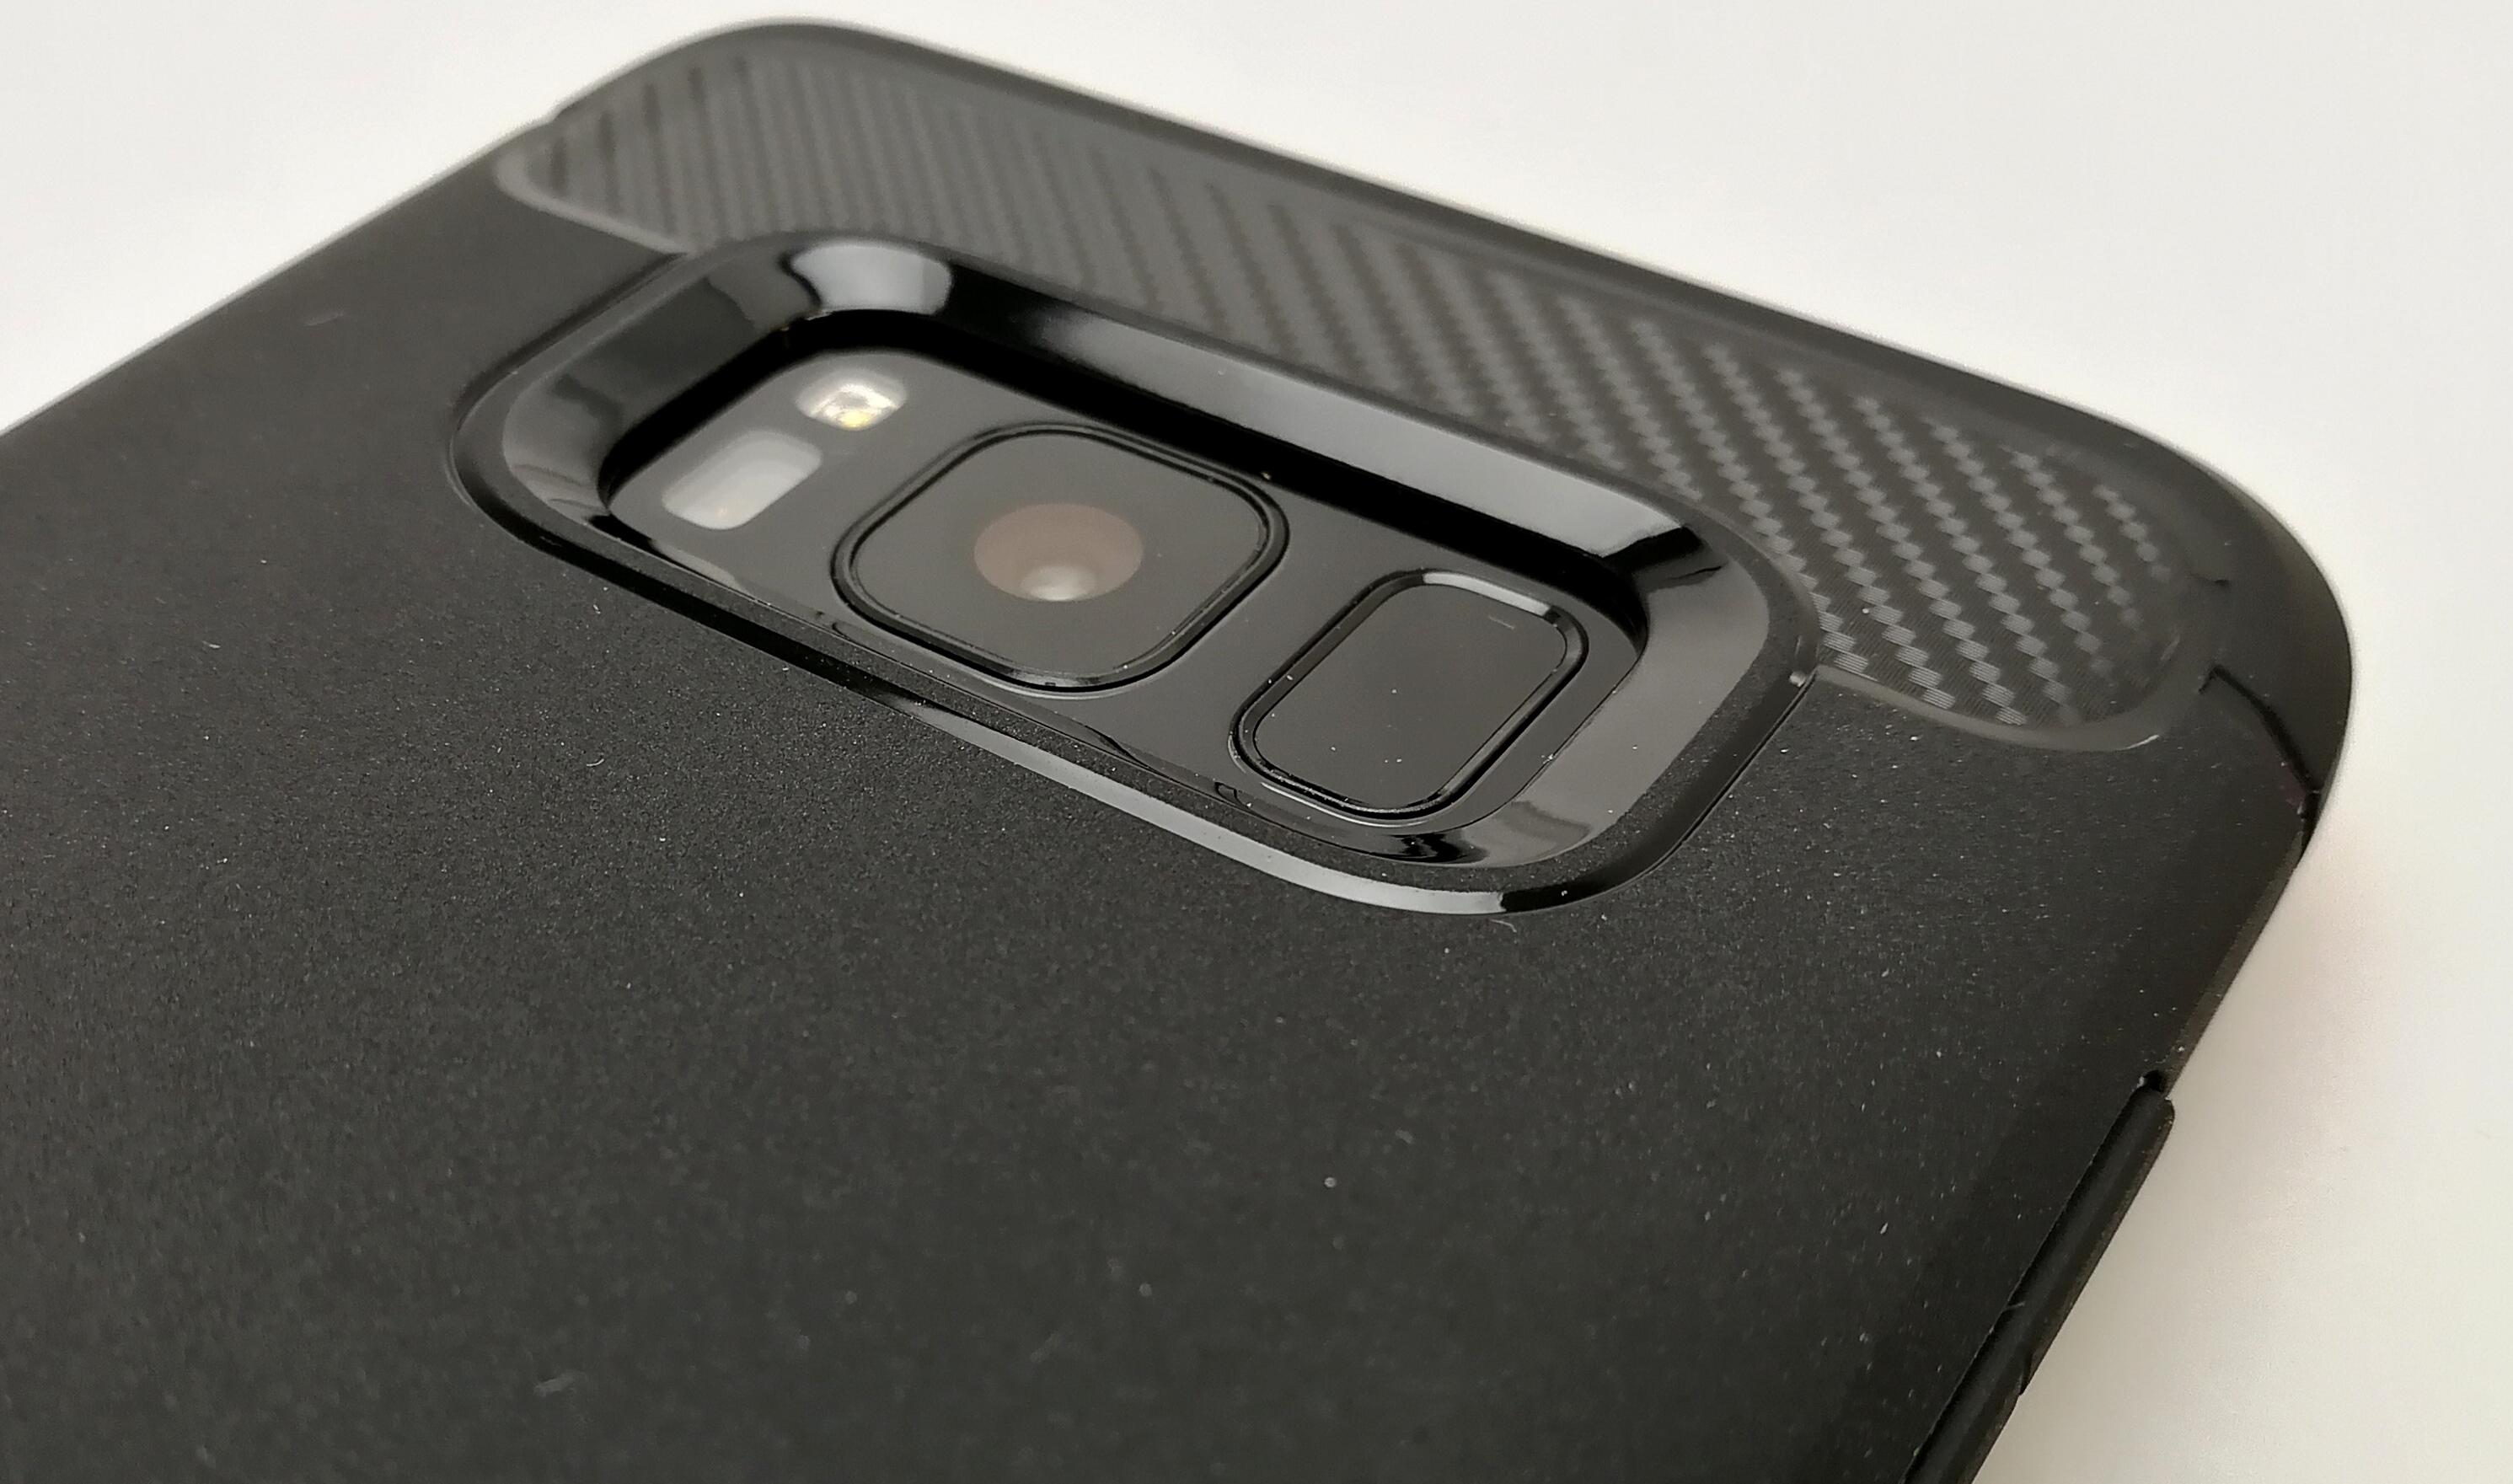 『Galaxy S8』にオススメなケースはコレ!現状コレ以外考えられない、落下衝撃に強いSpigen ラギッド・アーマーを購入レビュー